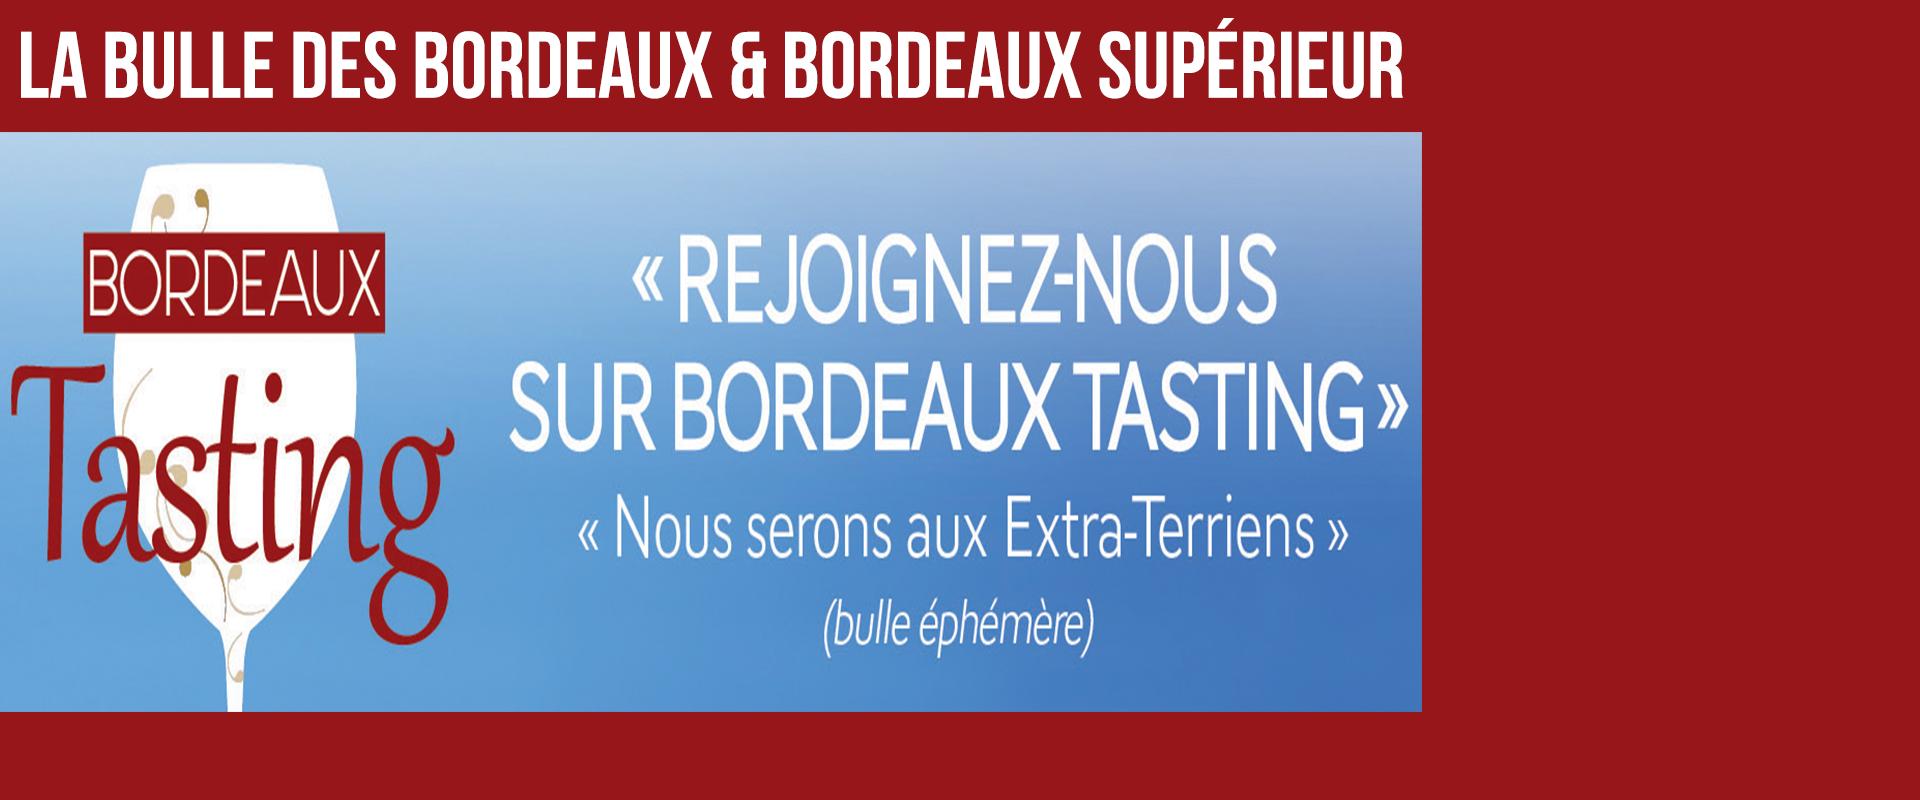 Bordeaux Tasting 2016 - La bulle des Bordeaux